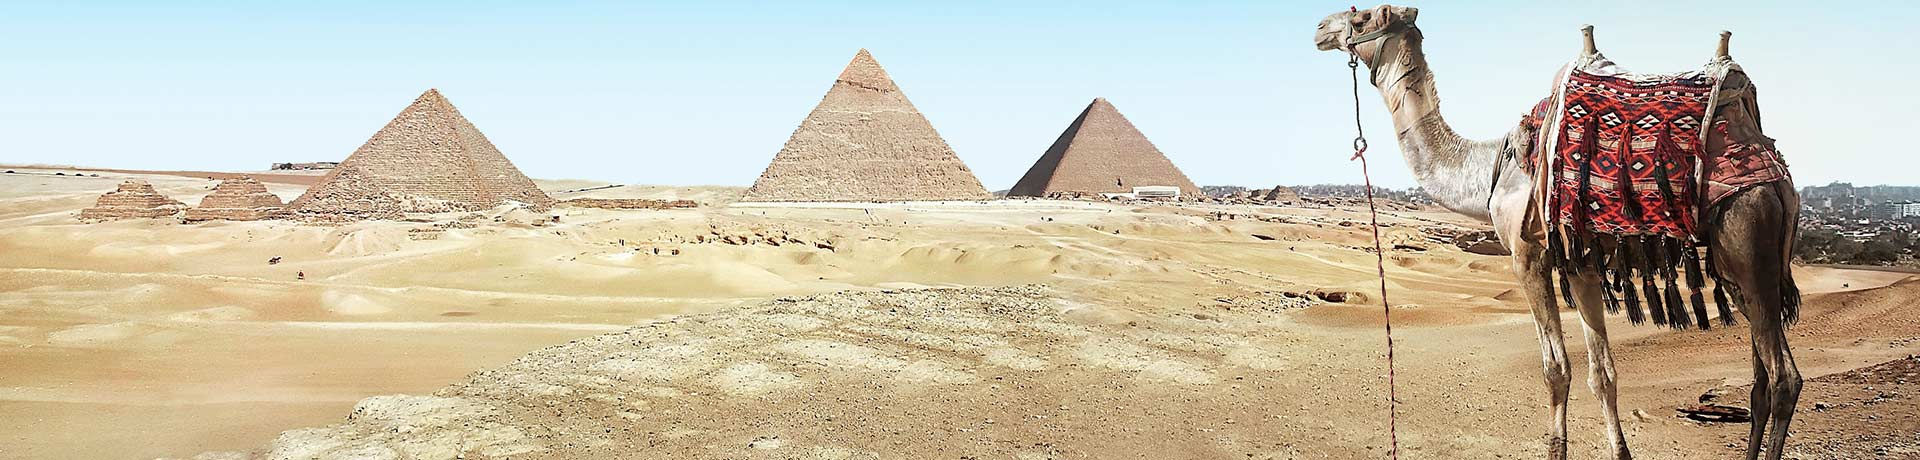 이집트일주 9일 (나일강 크루즈 3박 포함)